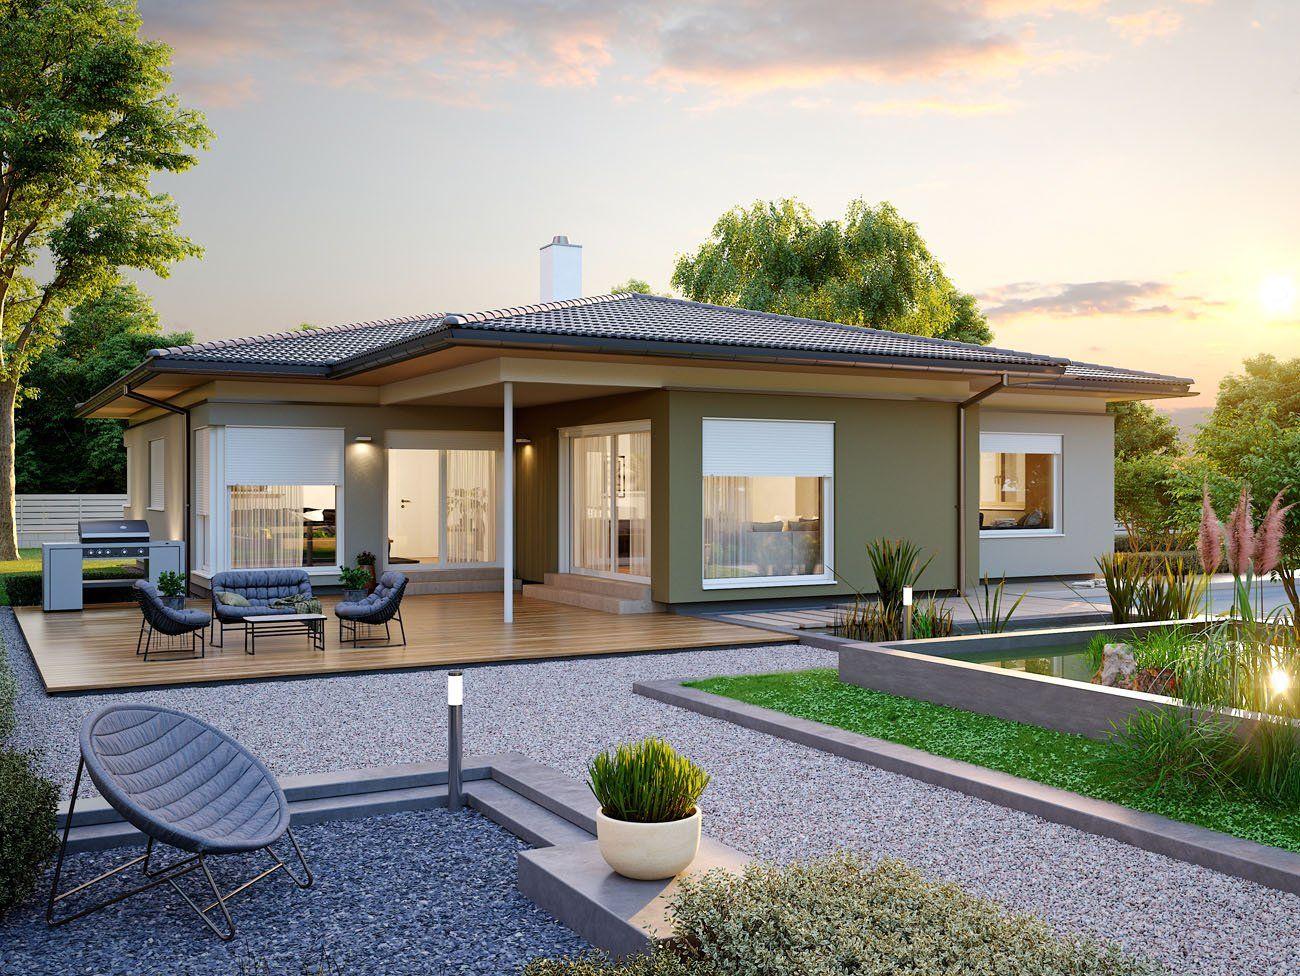 wohnen eben schon von au en begeistert der konzept bungalow 140 mit seiner gelungenen. Black Bedroom Furniture Sets. Home Design Ideas